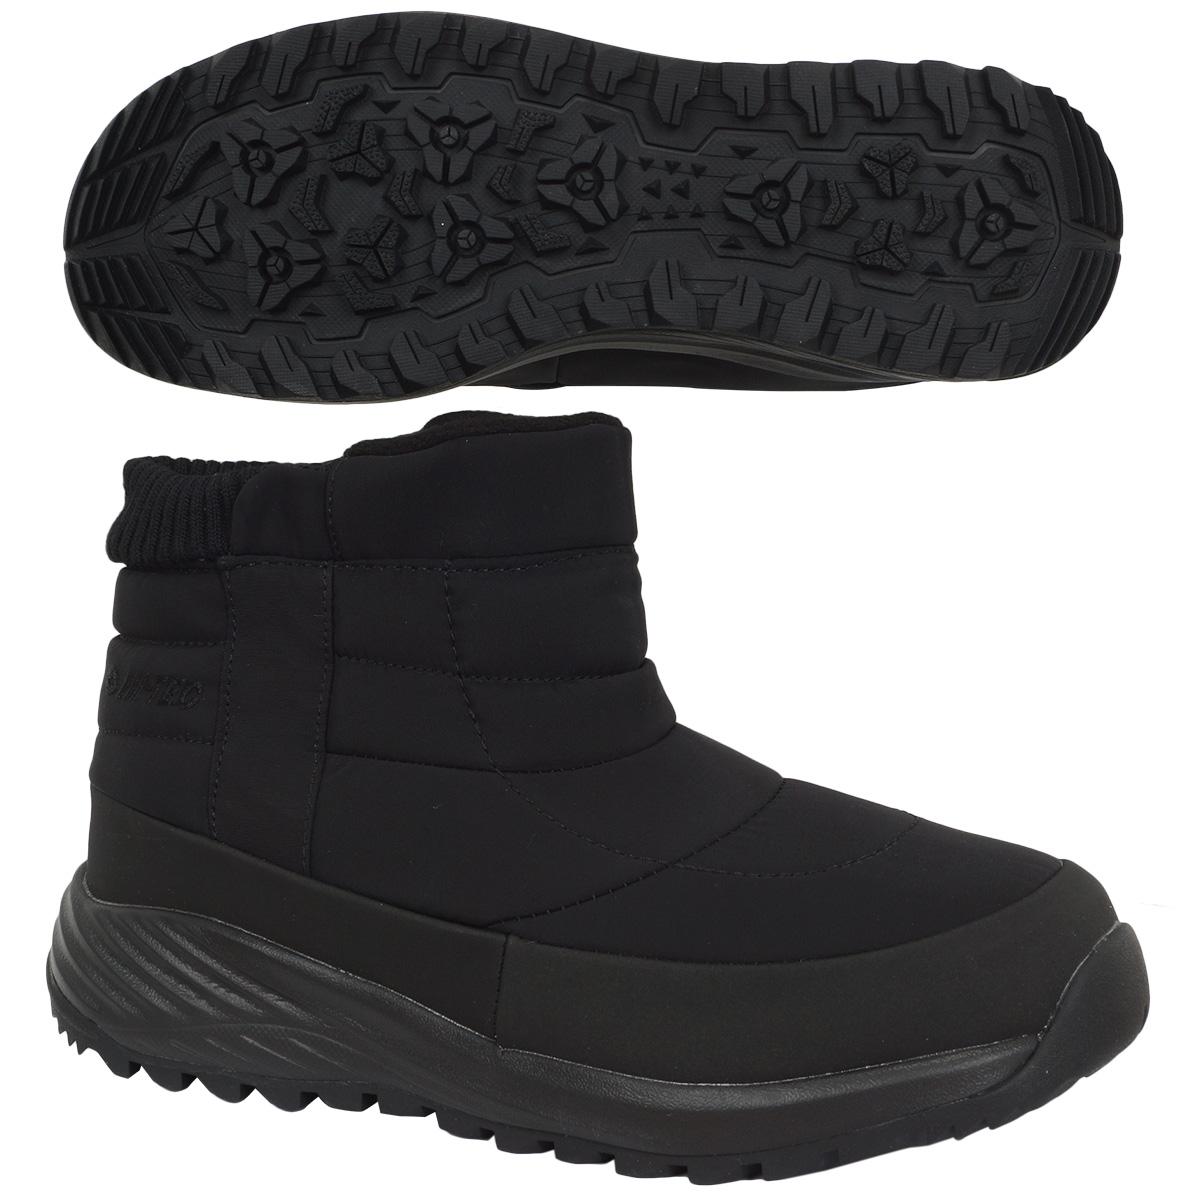 BTU18W ブーツ